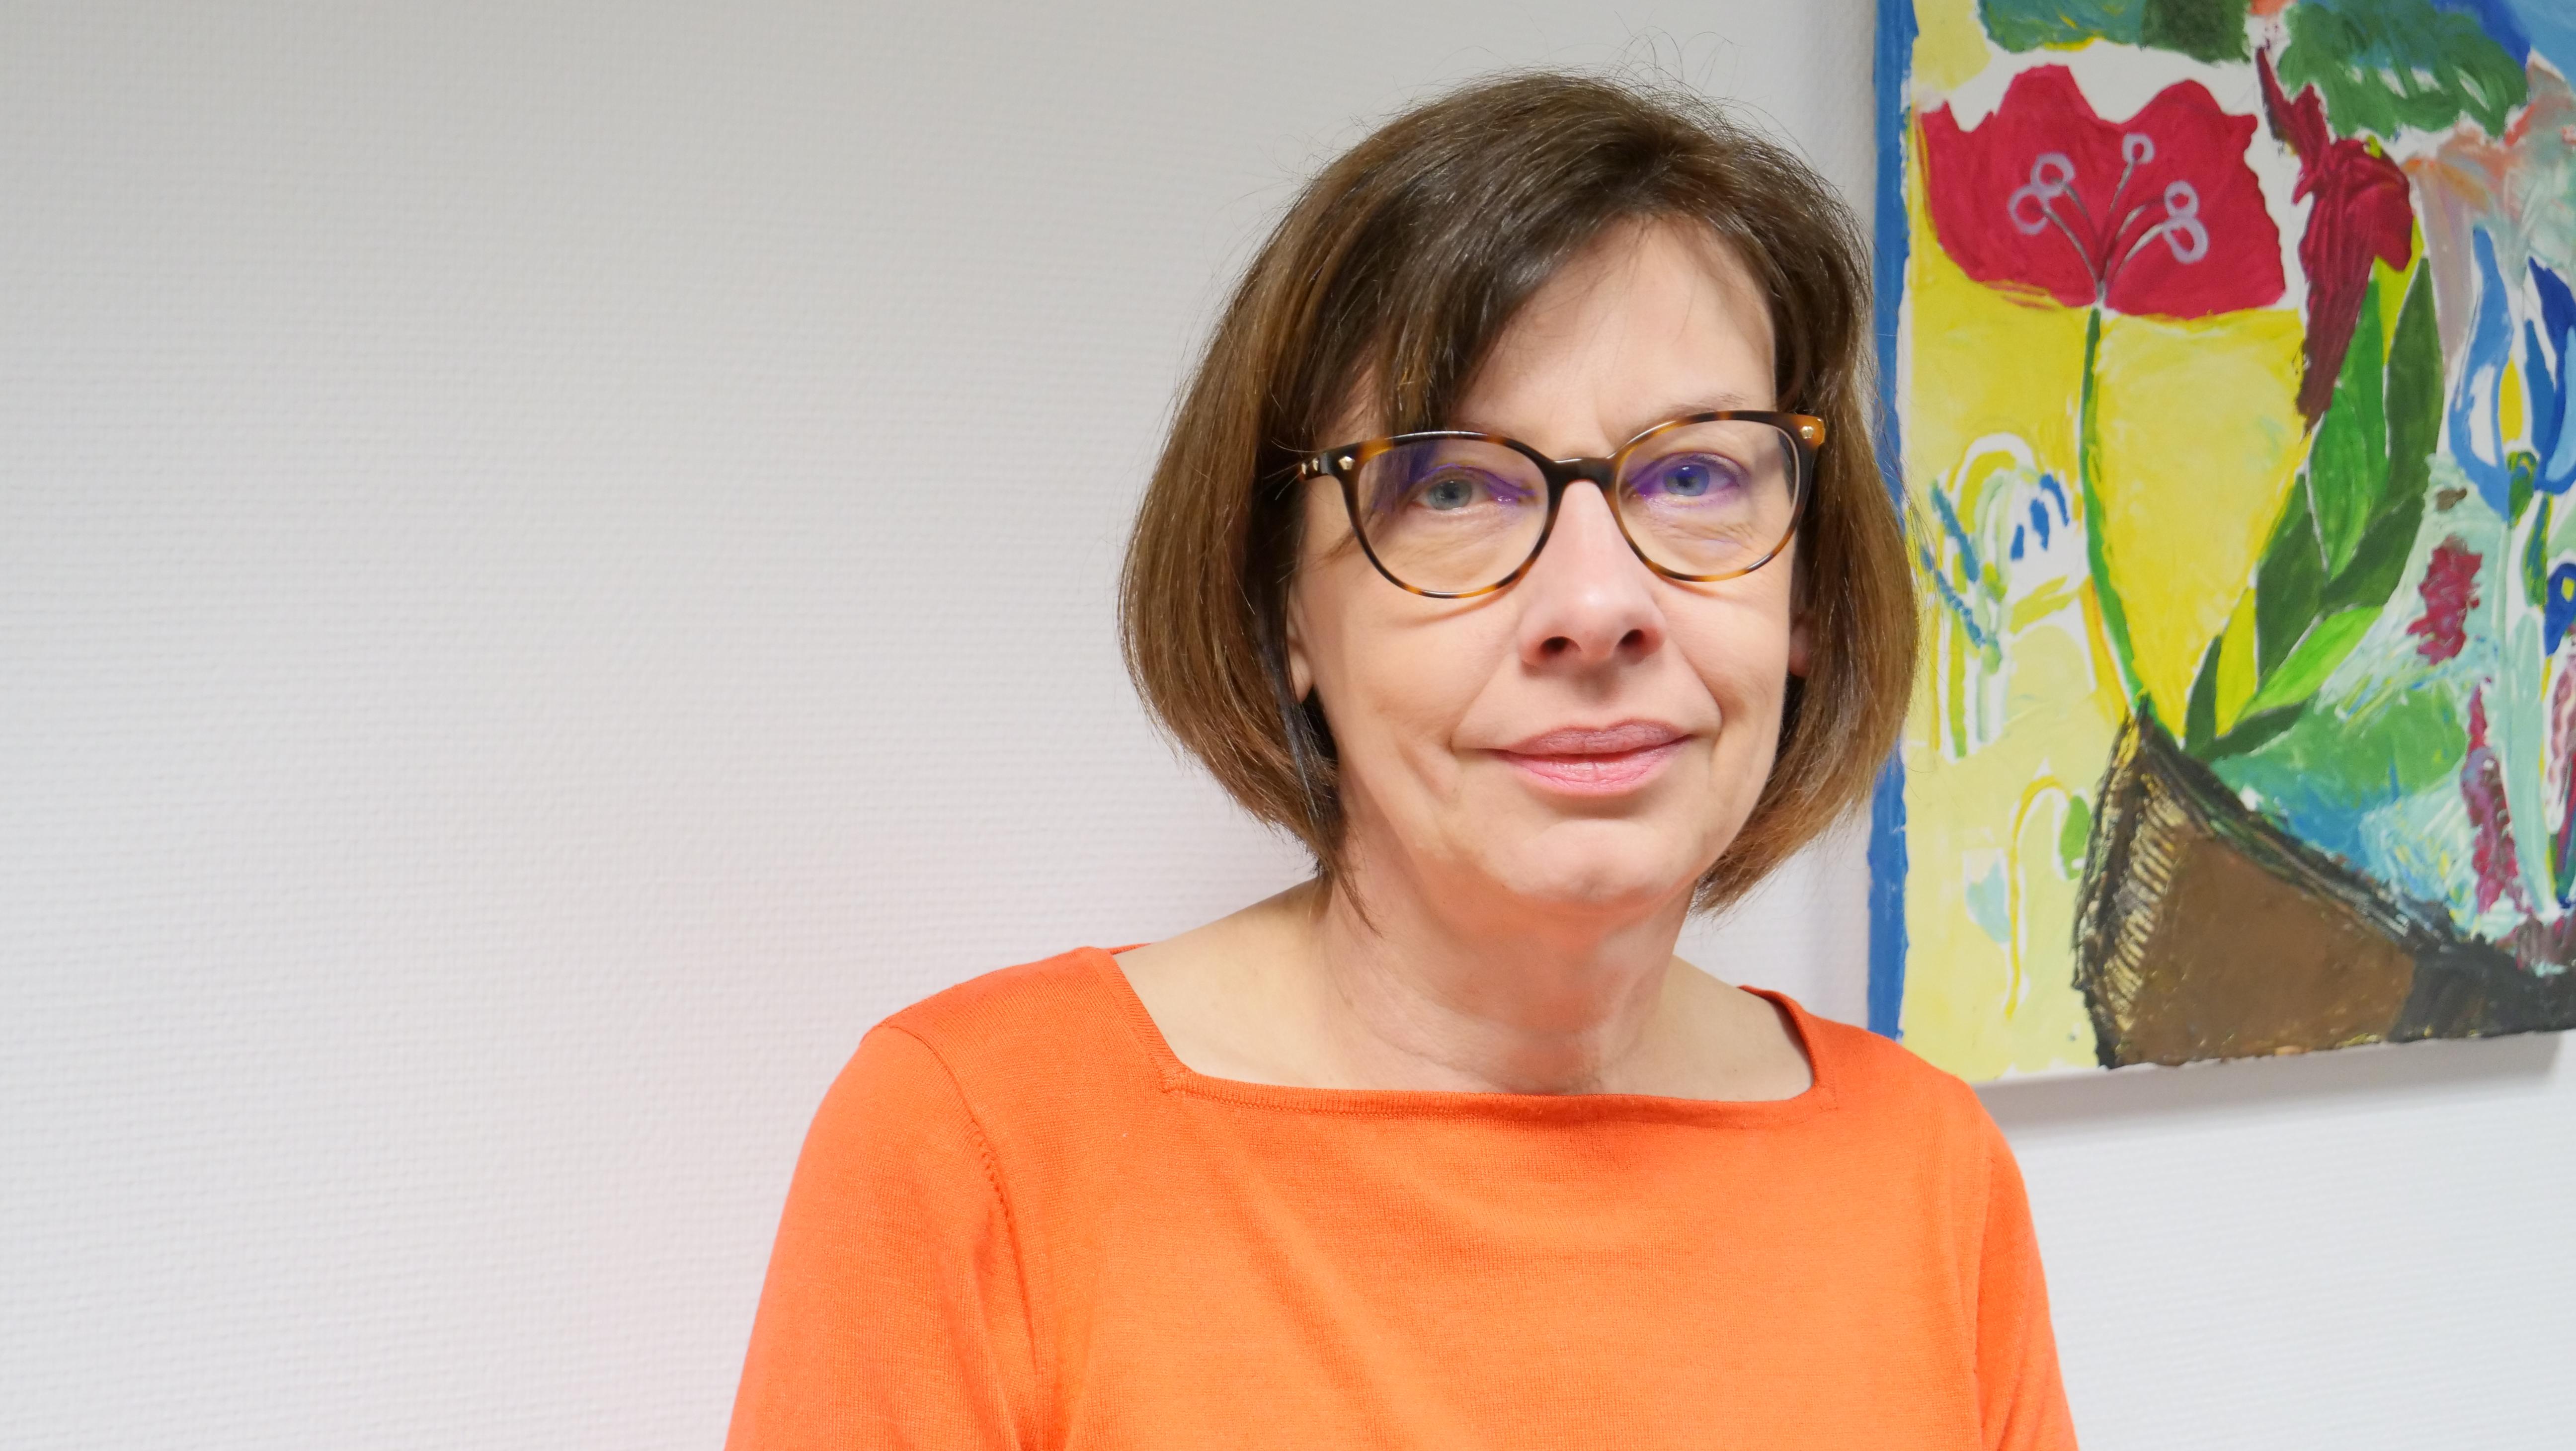 JacquelineMeyer